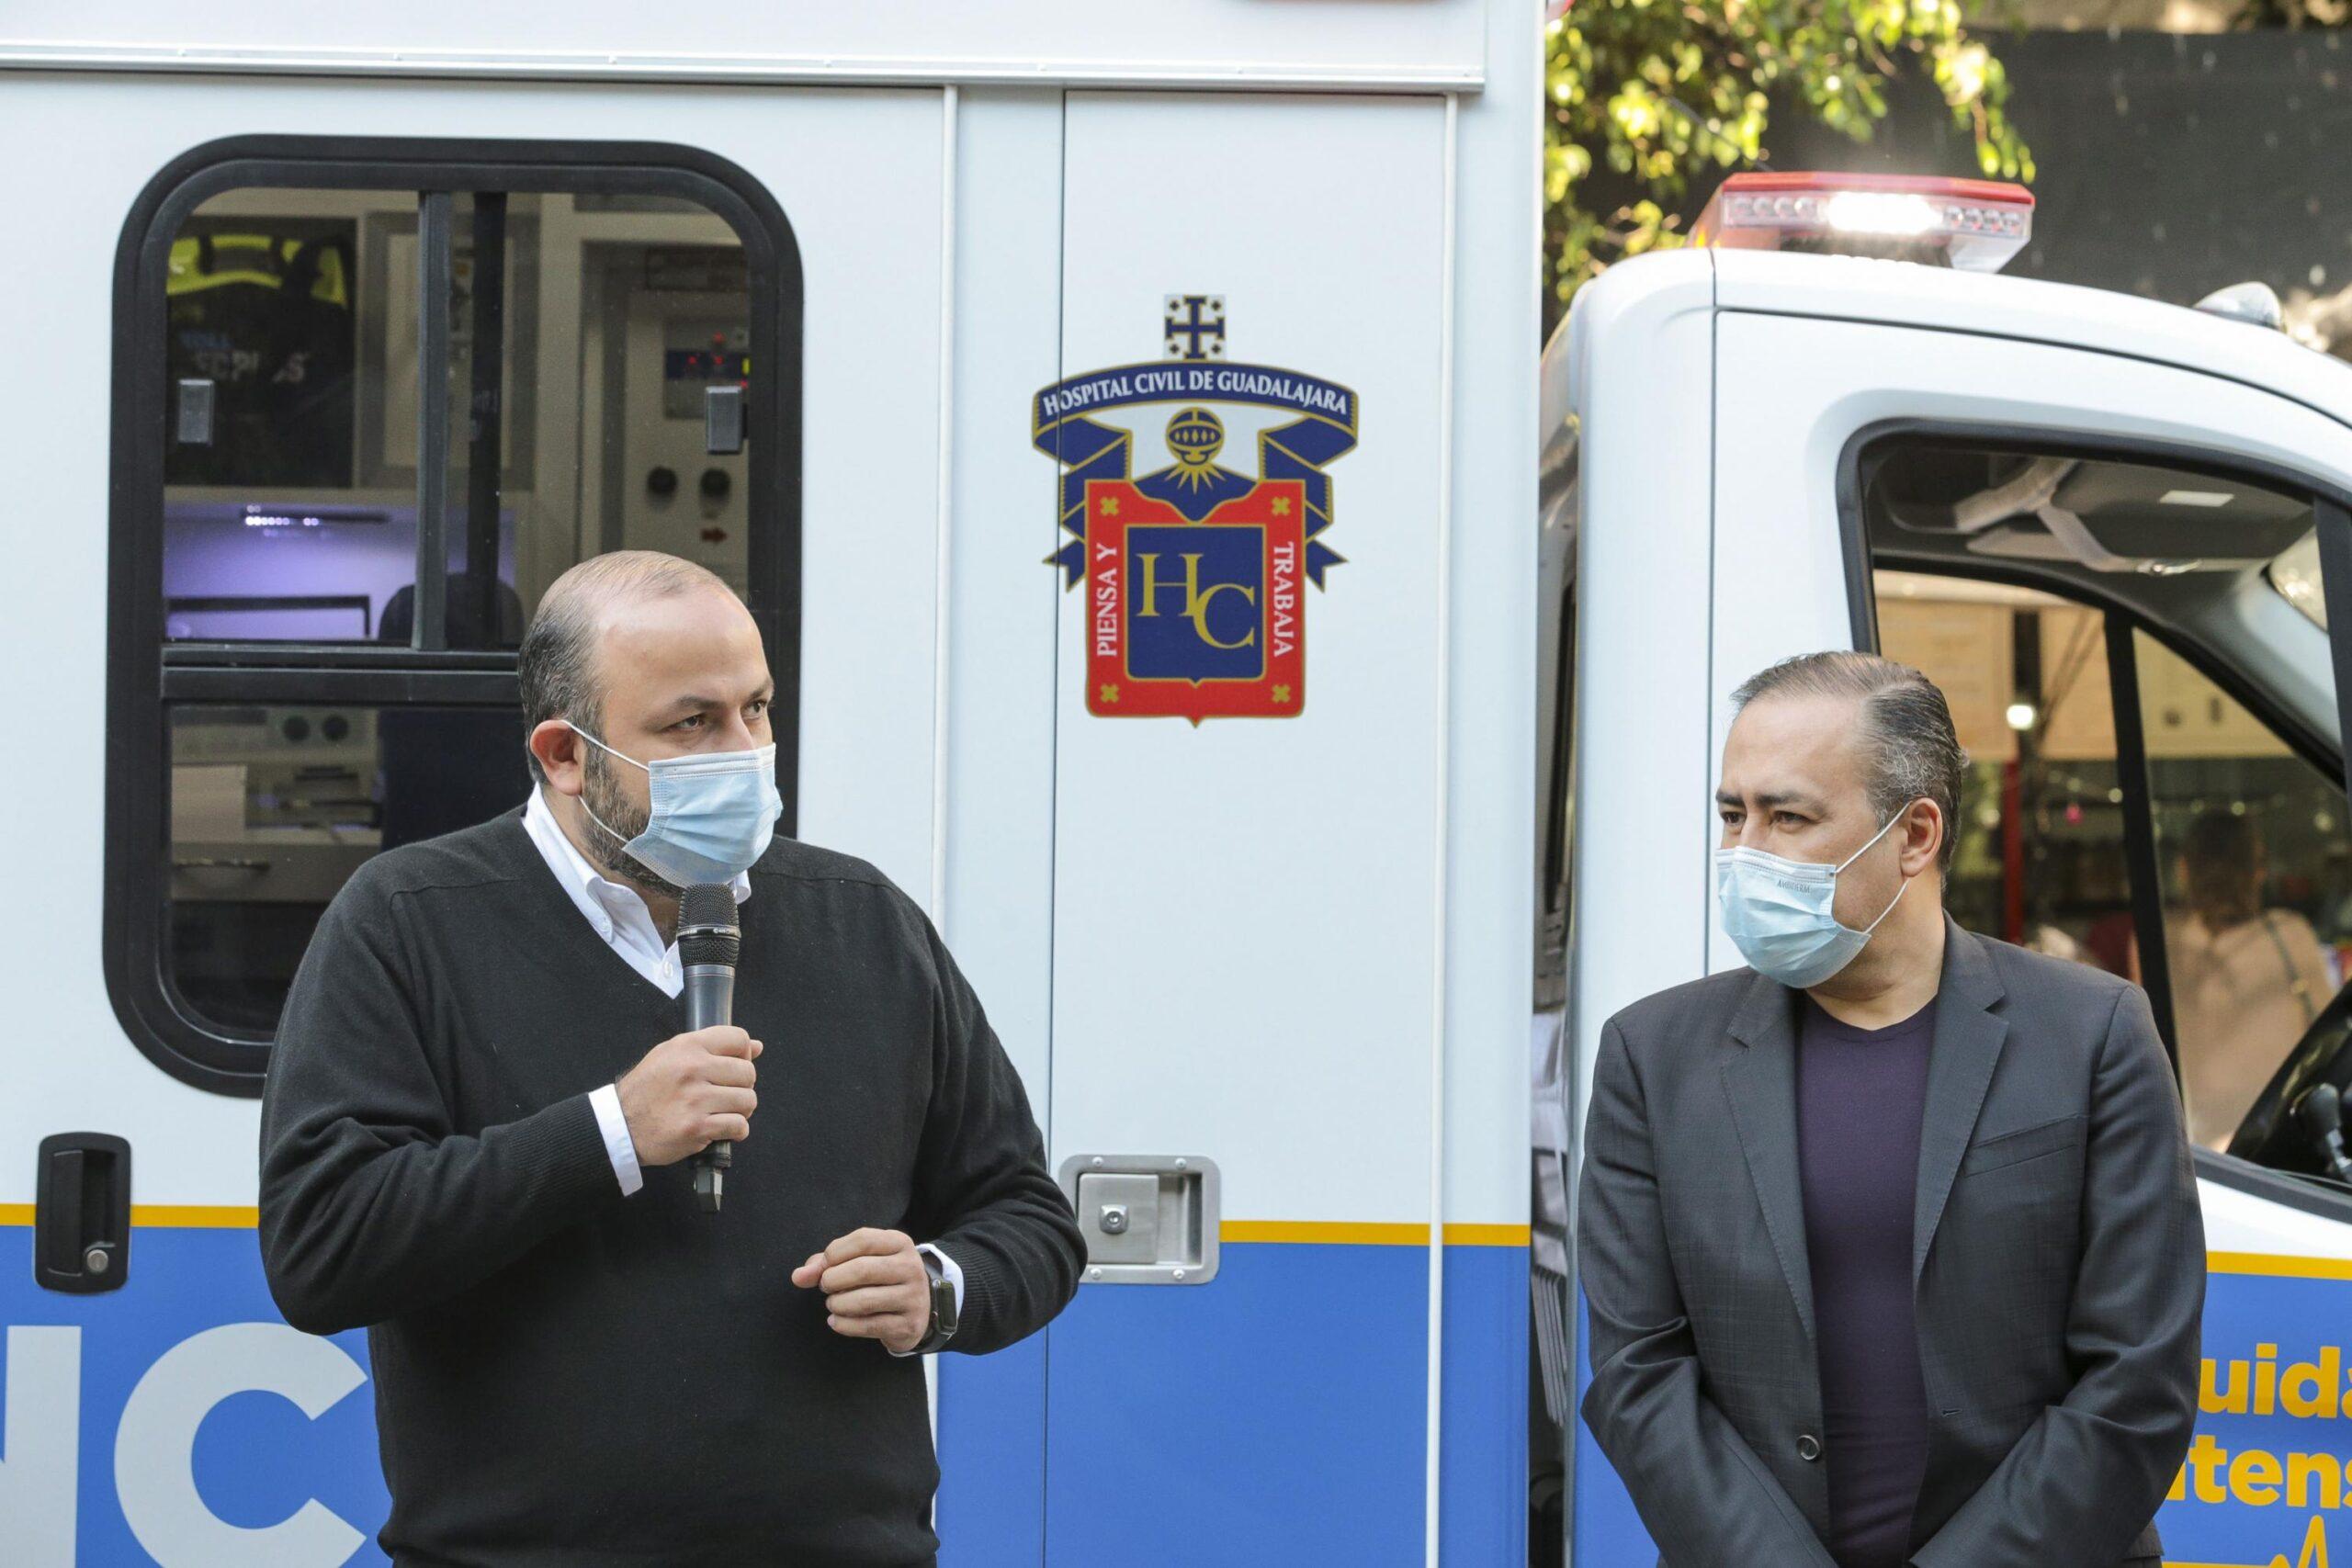 El rector de la UdeG entrega una ambulancia al Hospital Civil de Guadalajara